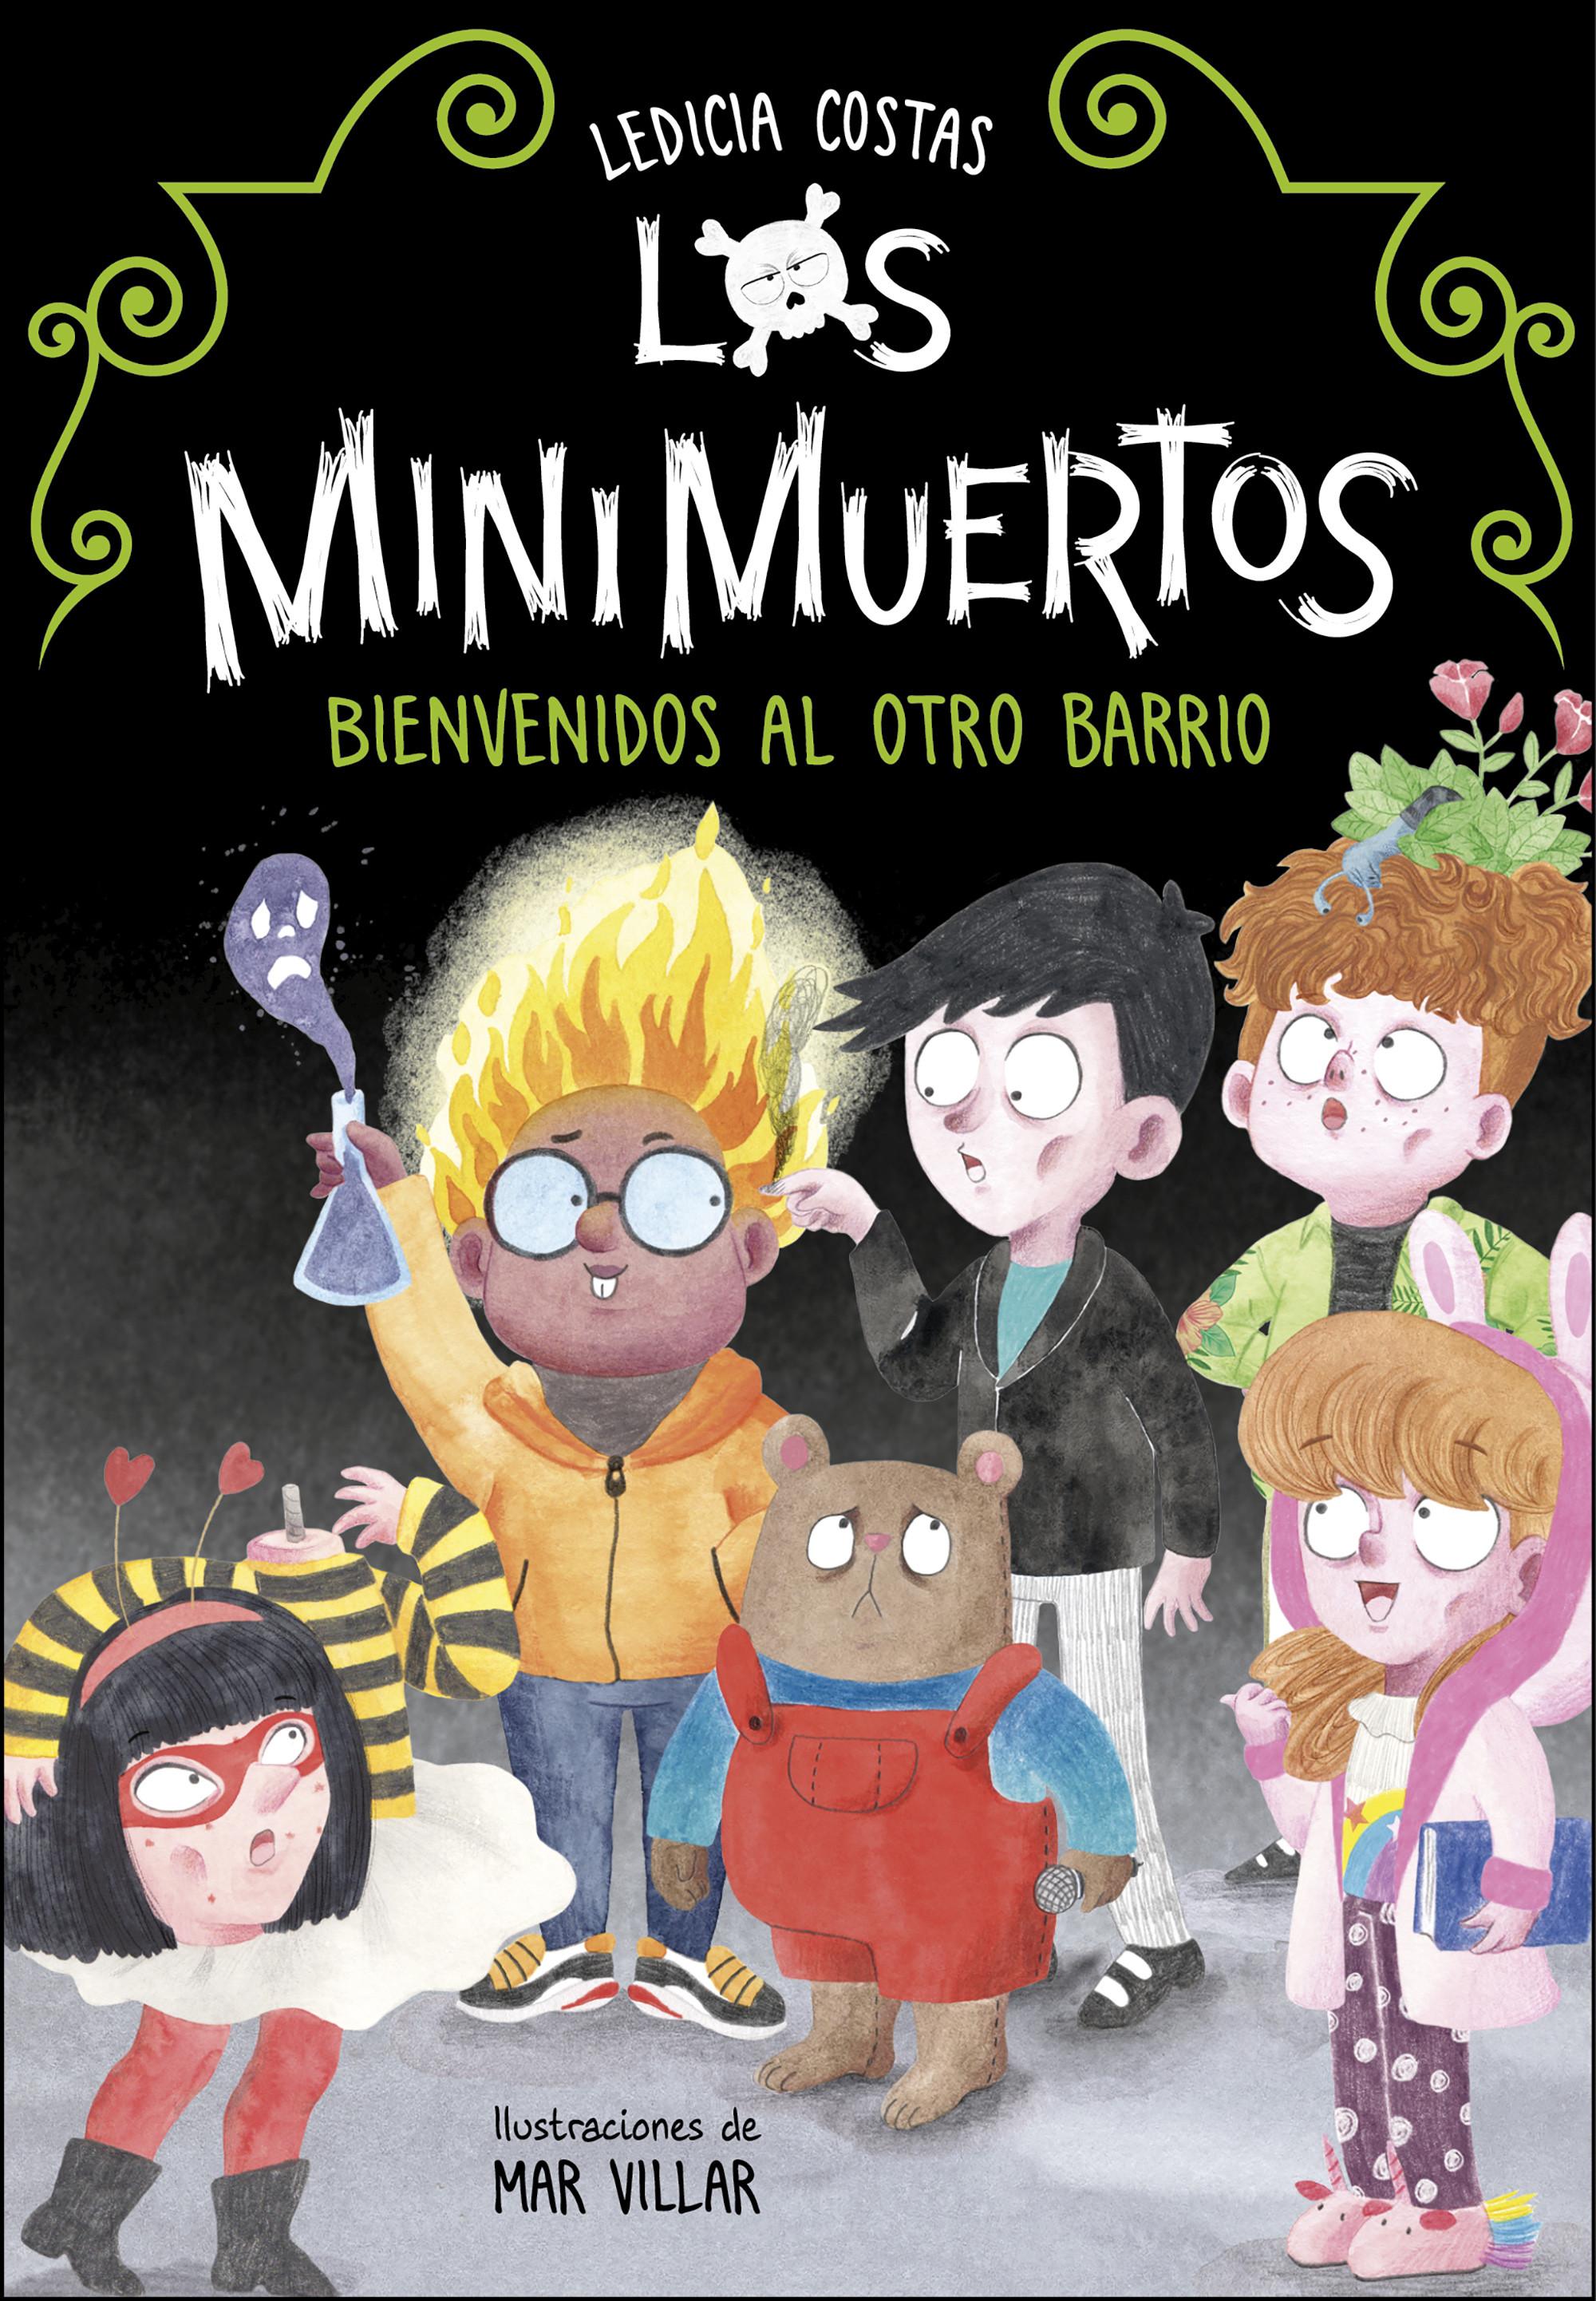 Bienvenidos al Otro Barrio. Minimuertos 1 (Los Minimuertos 1)